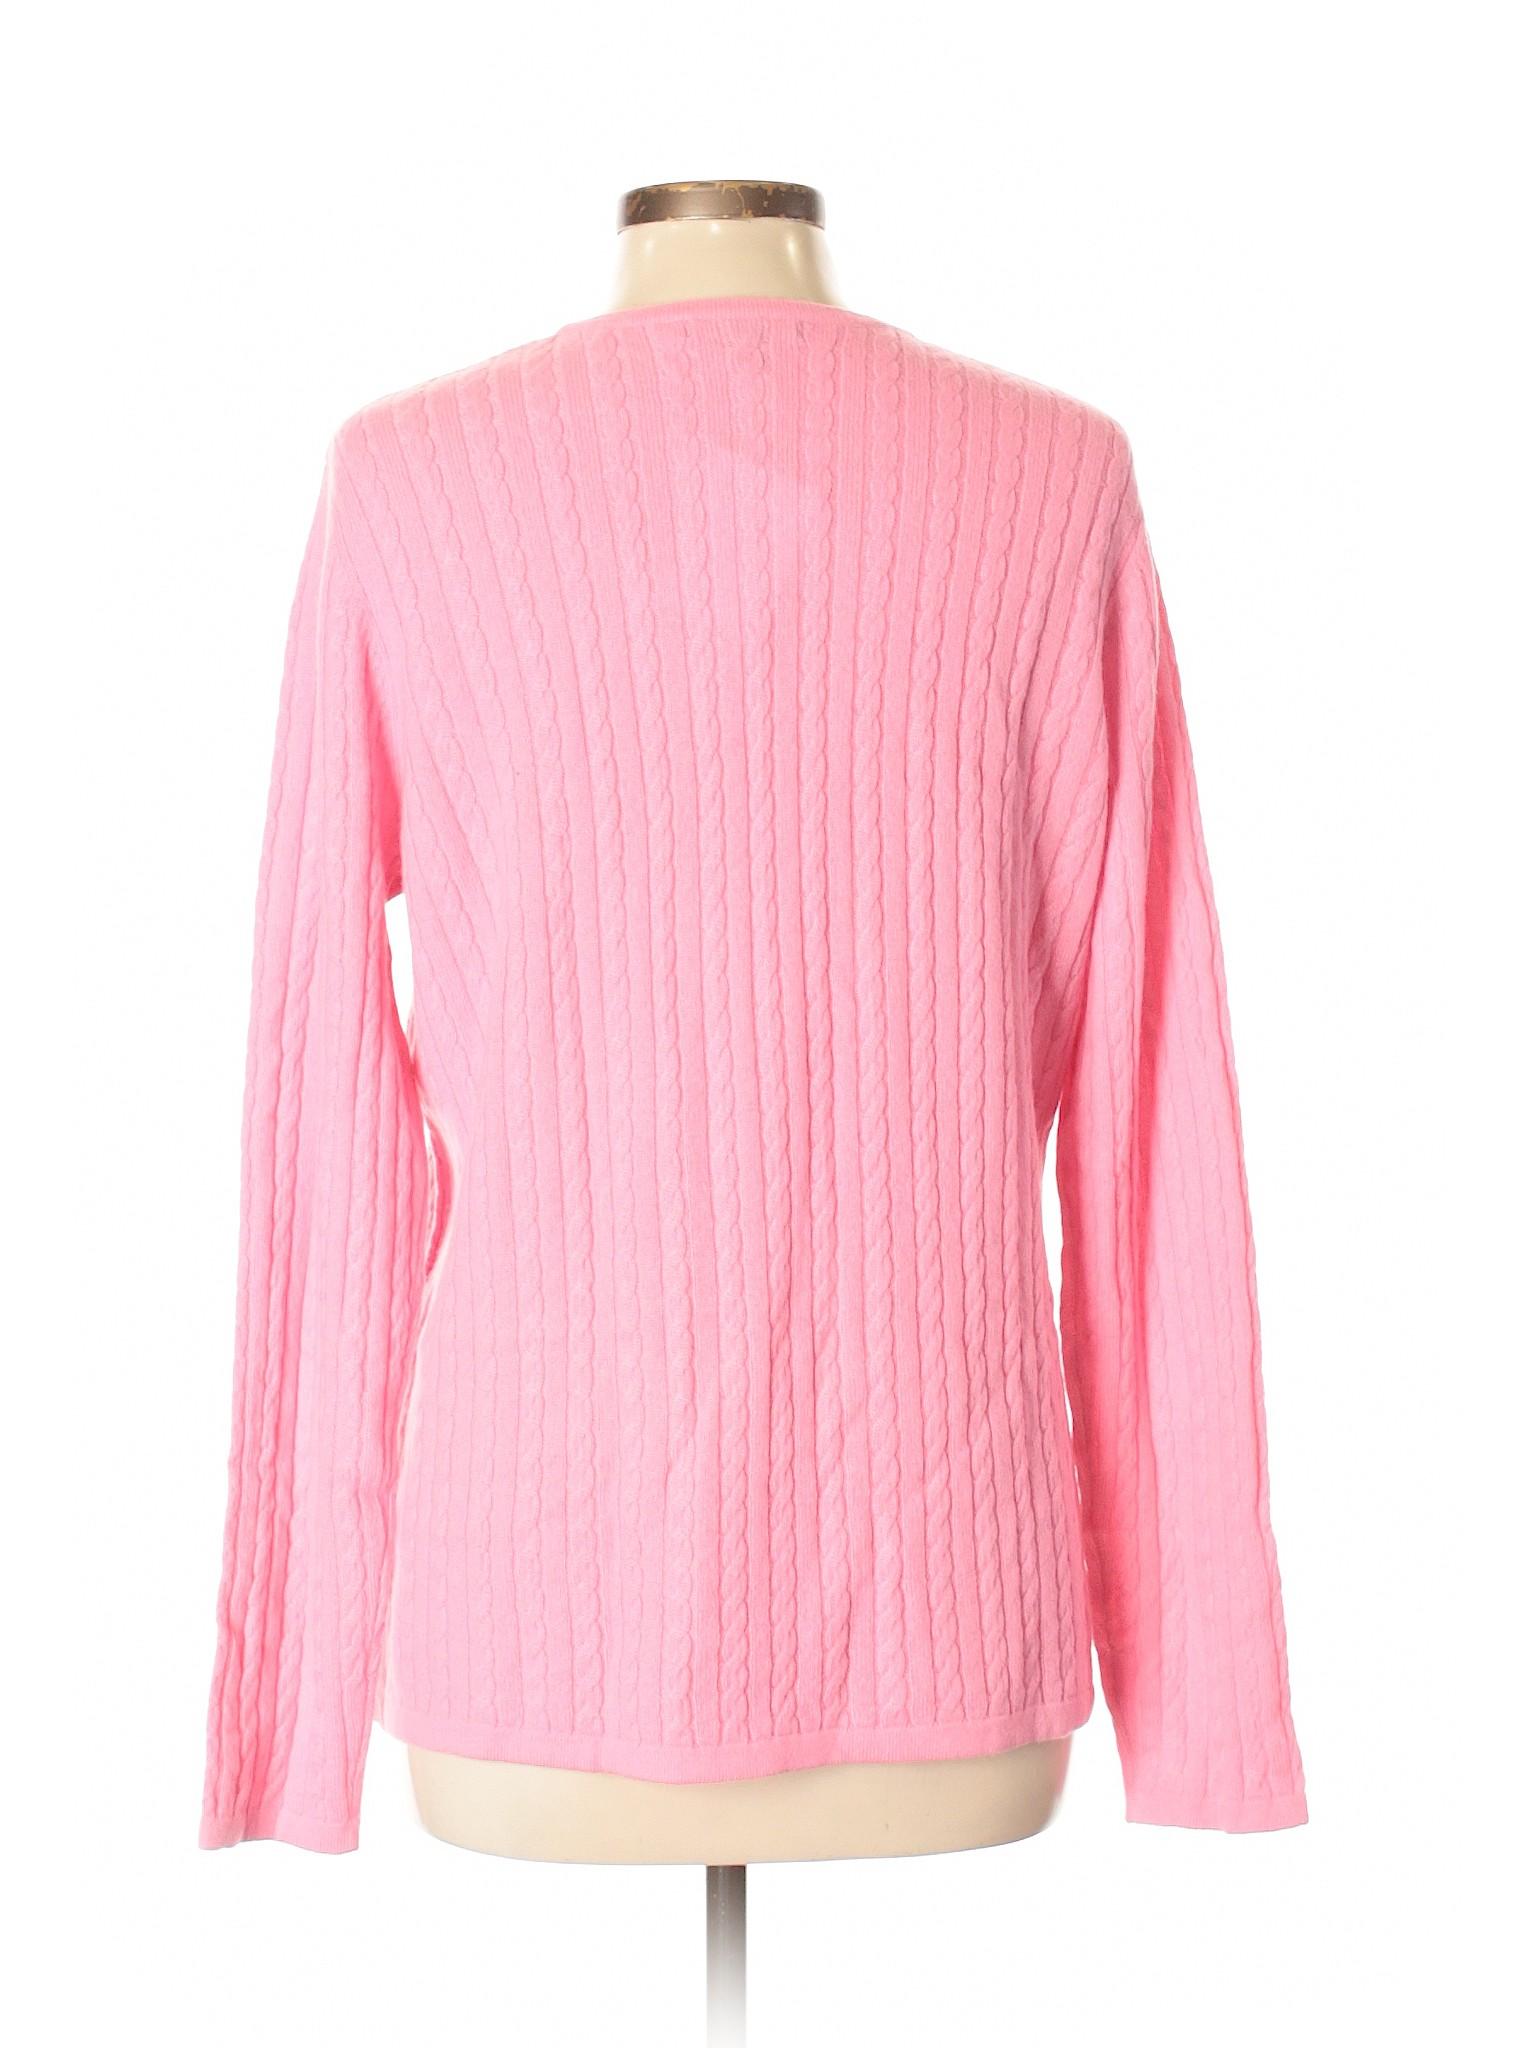 Pullover Sweater Lands' End Cashmere Boutique qx1t8Zww